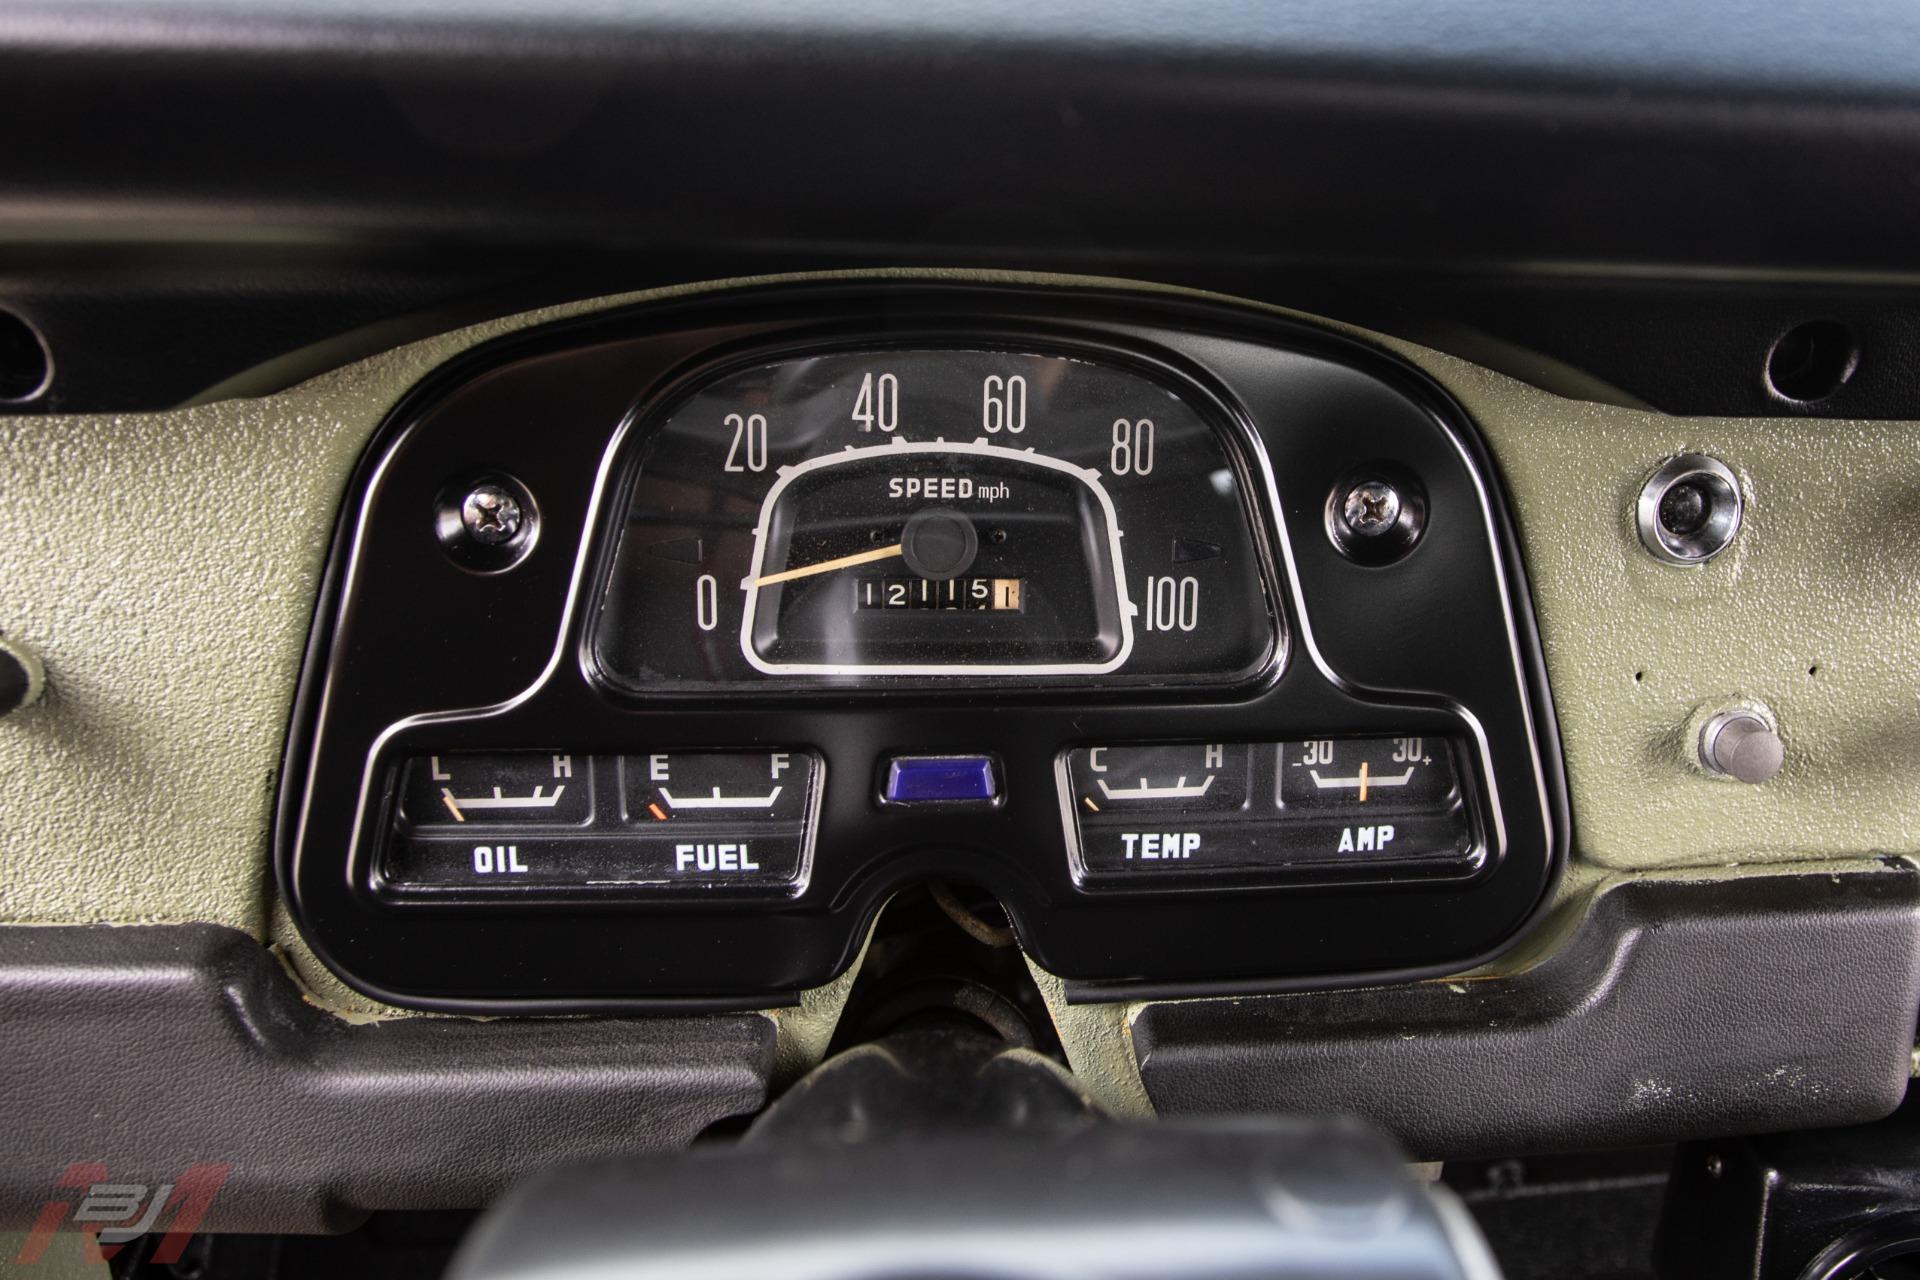 Used-1974-Toyota-Landcruiser-FJ40-FJ40